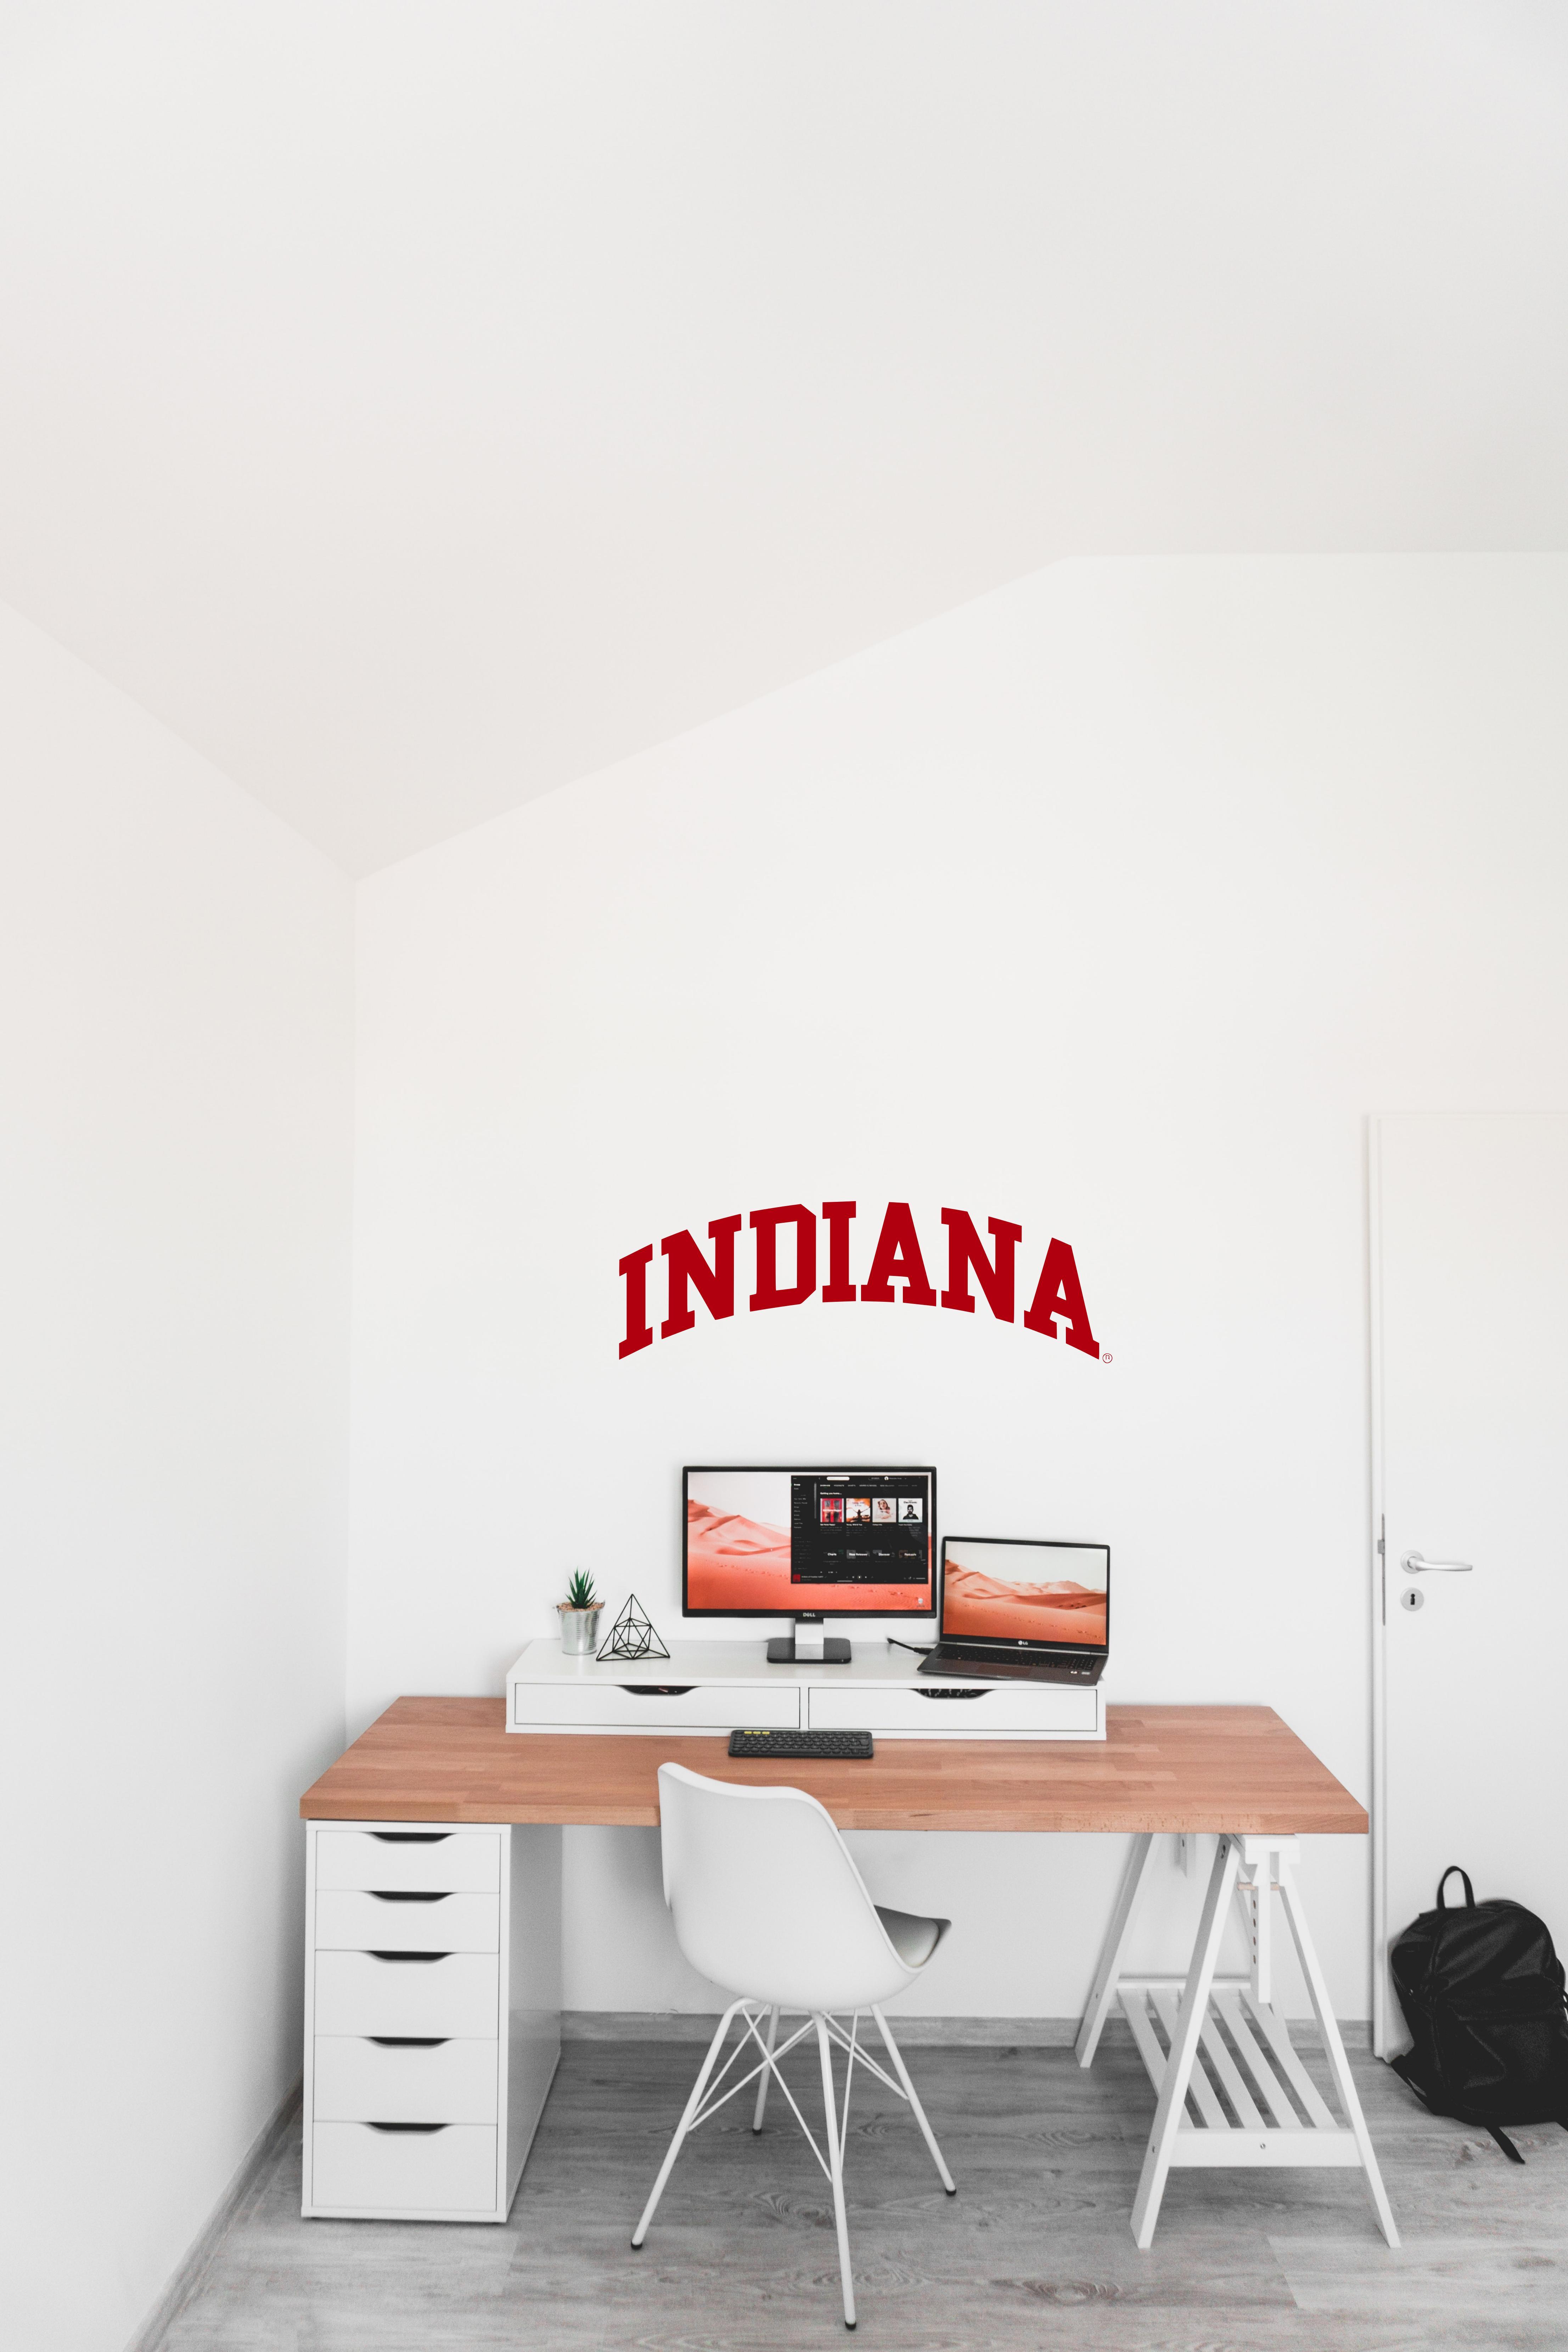 Indiana University Vinyl Wall Decal Vinyl Wall Decals Vinyl Wall Indiana University [ 6638 x 4425 Pixel ]